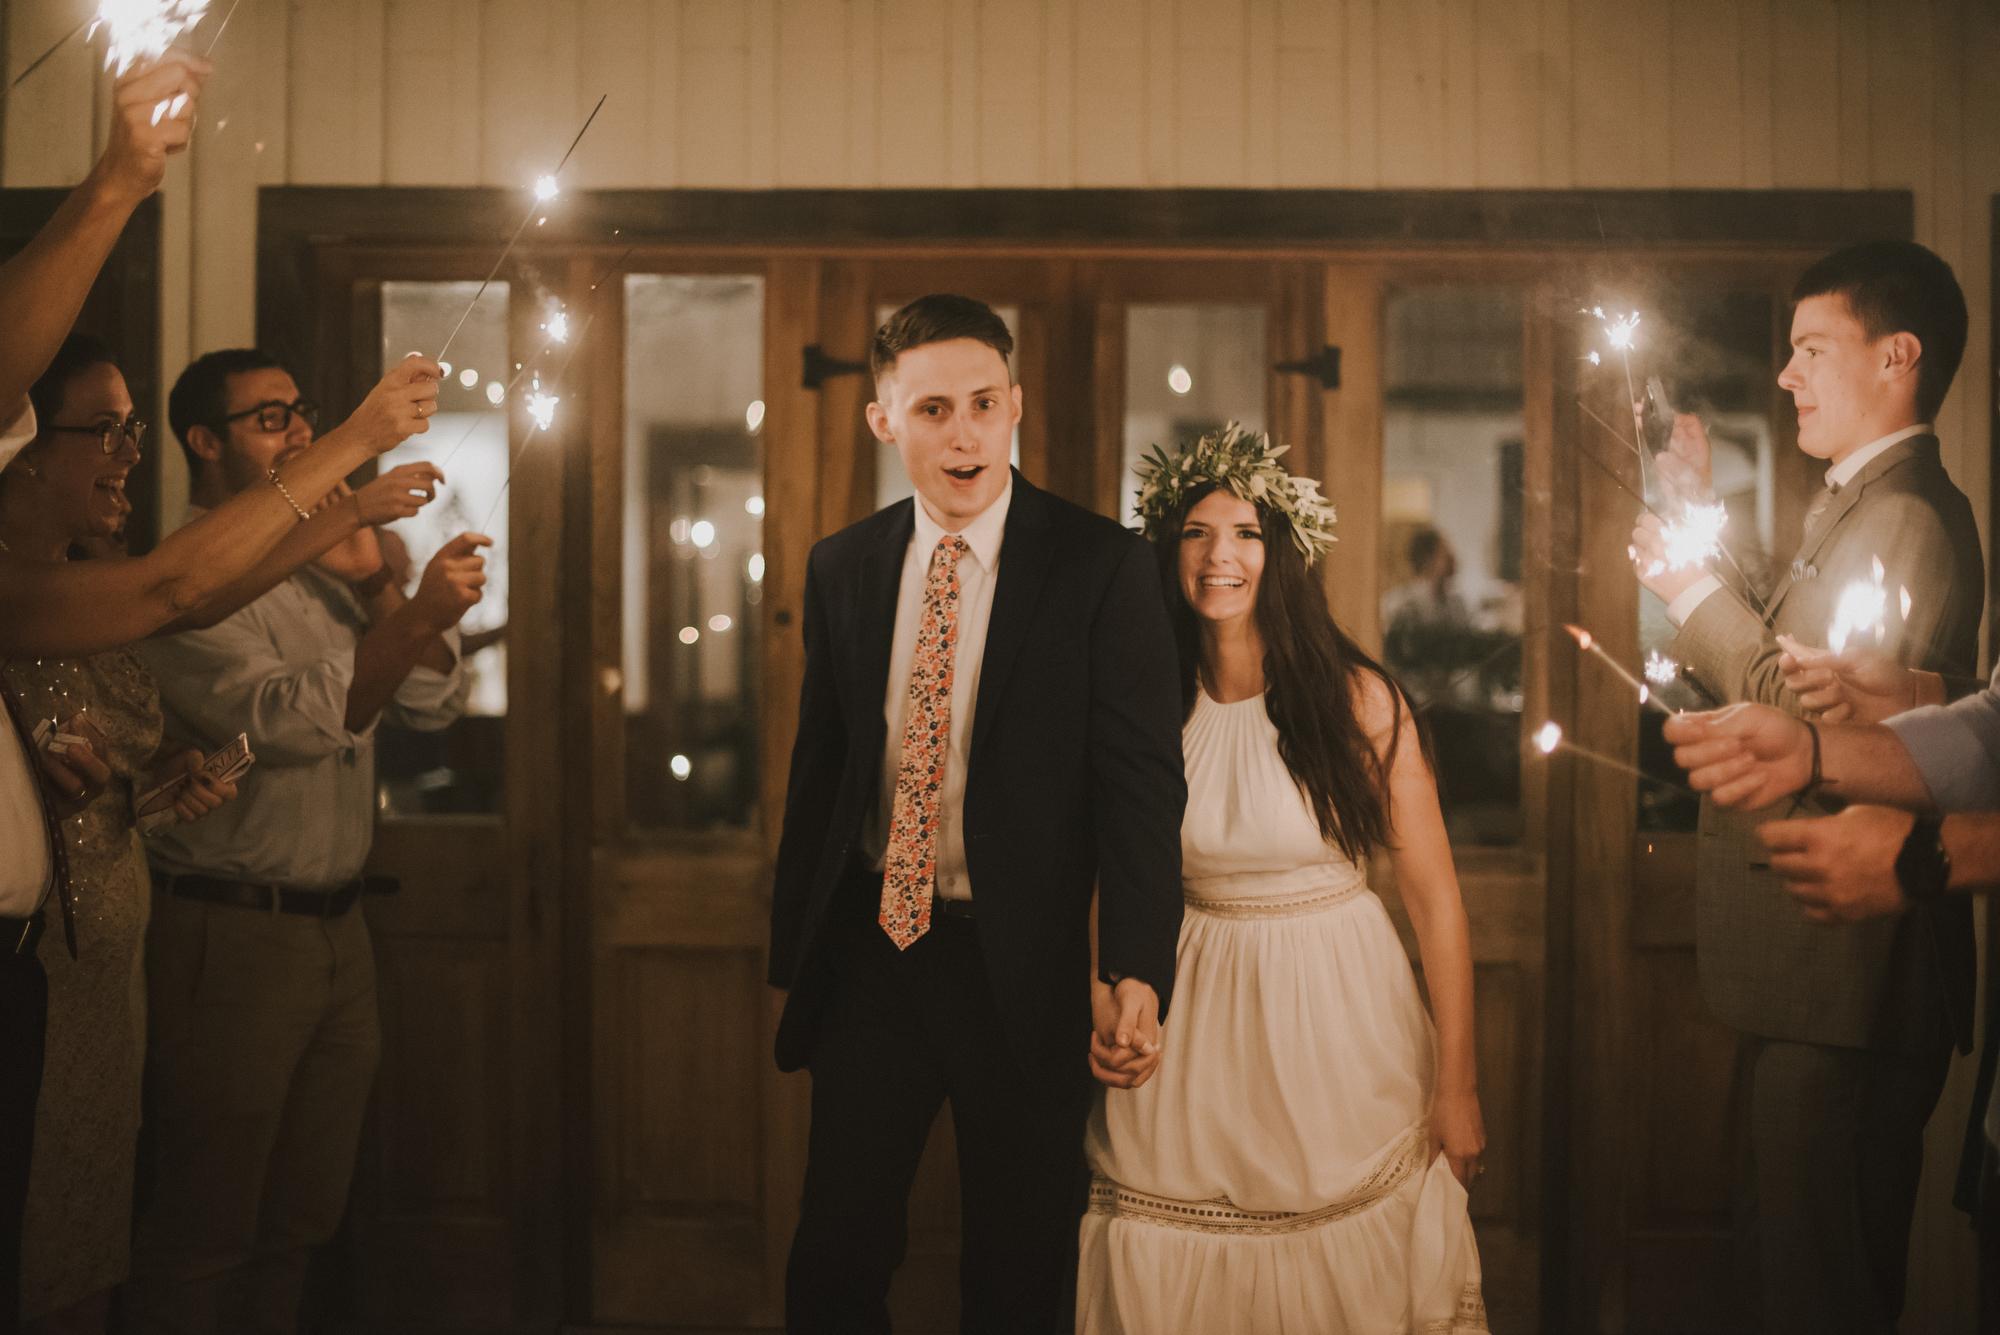 ofRen_weddingphotography108.JPG